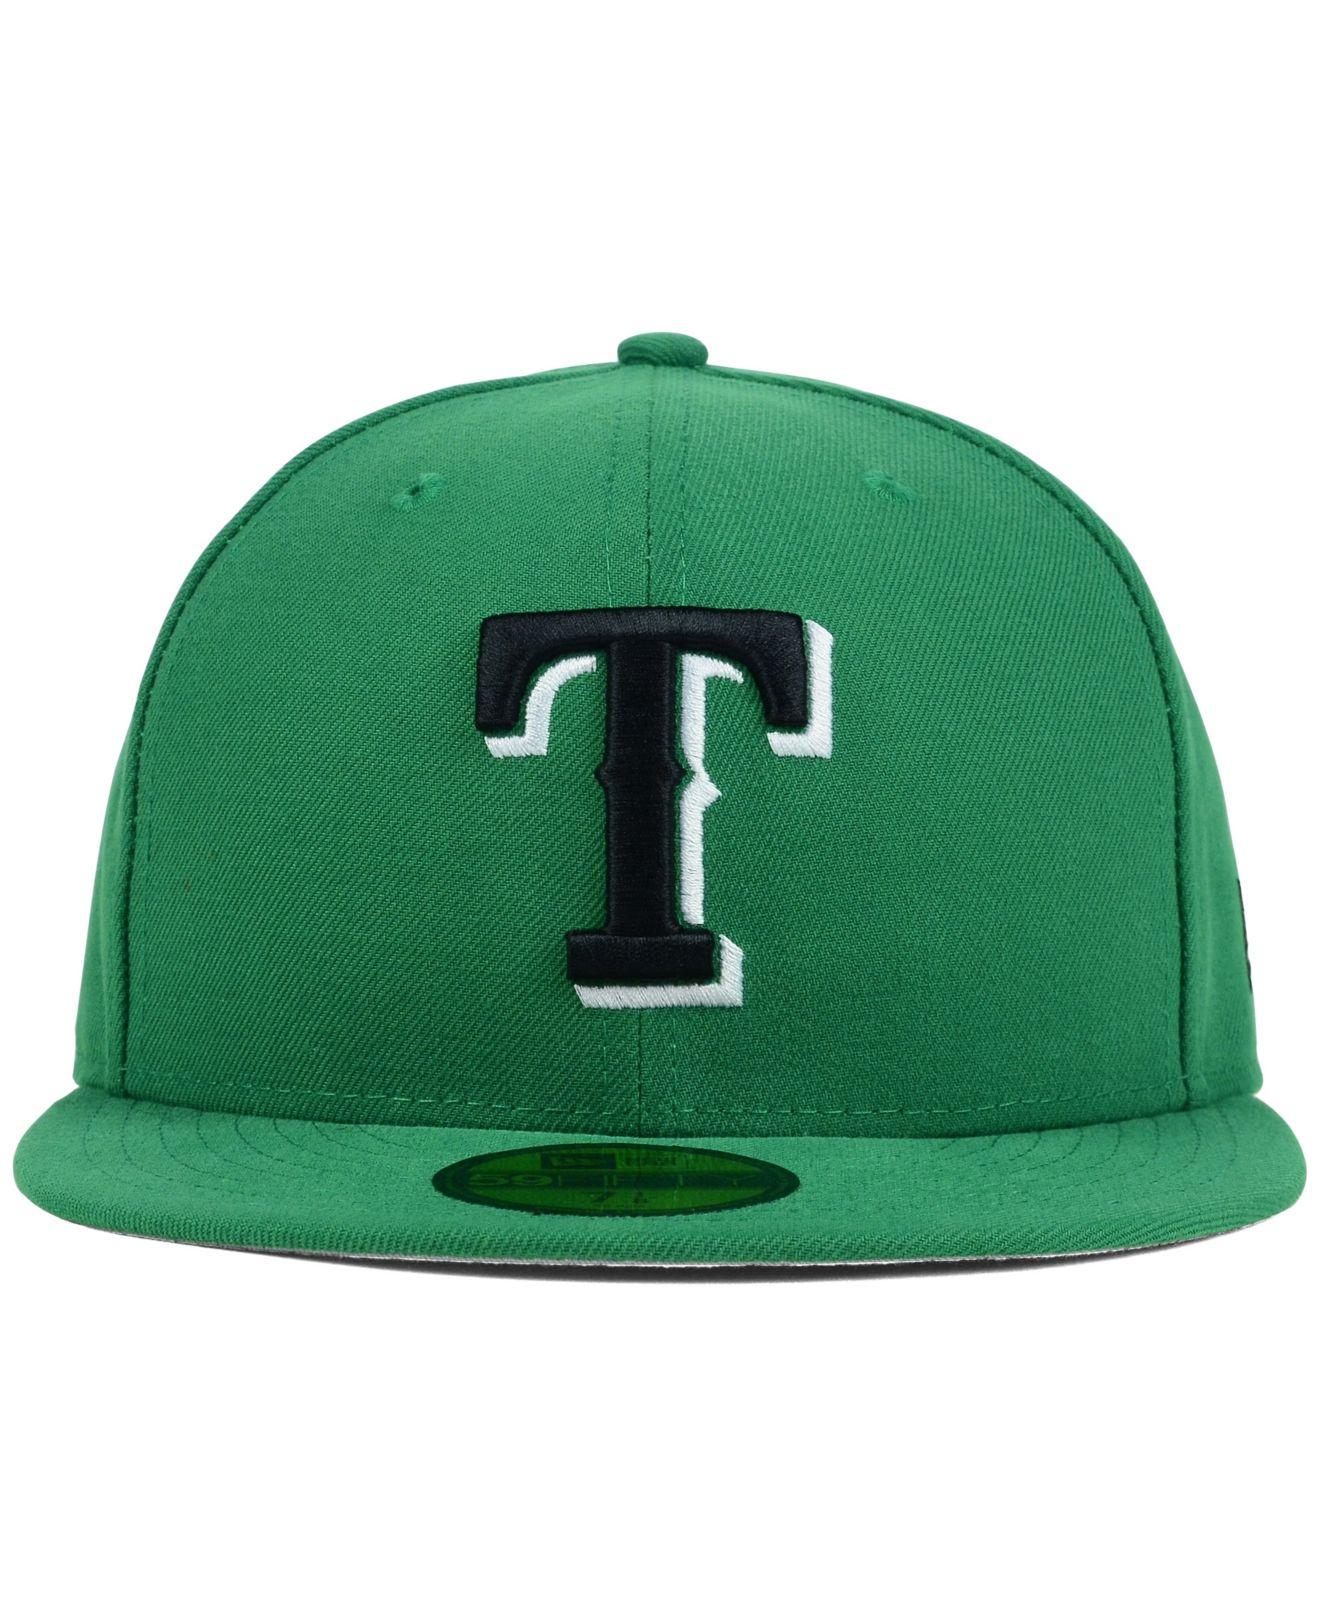 917bf7940c5023 ... cheap lyst ktz texas rangers c dub 59fifty cap in green for men 0e6b5  8f8a5